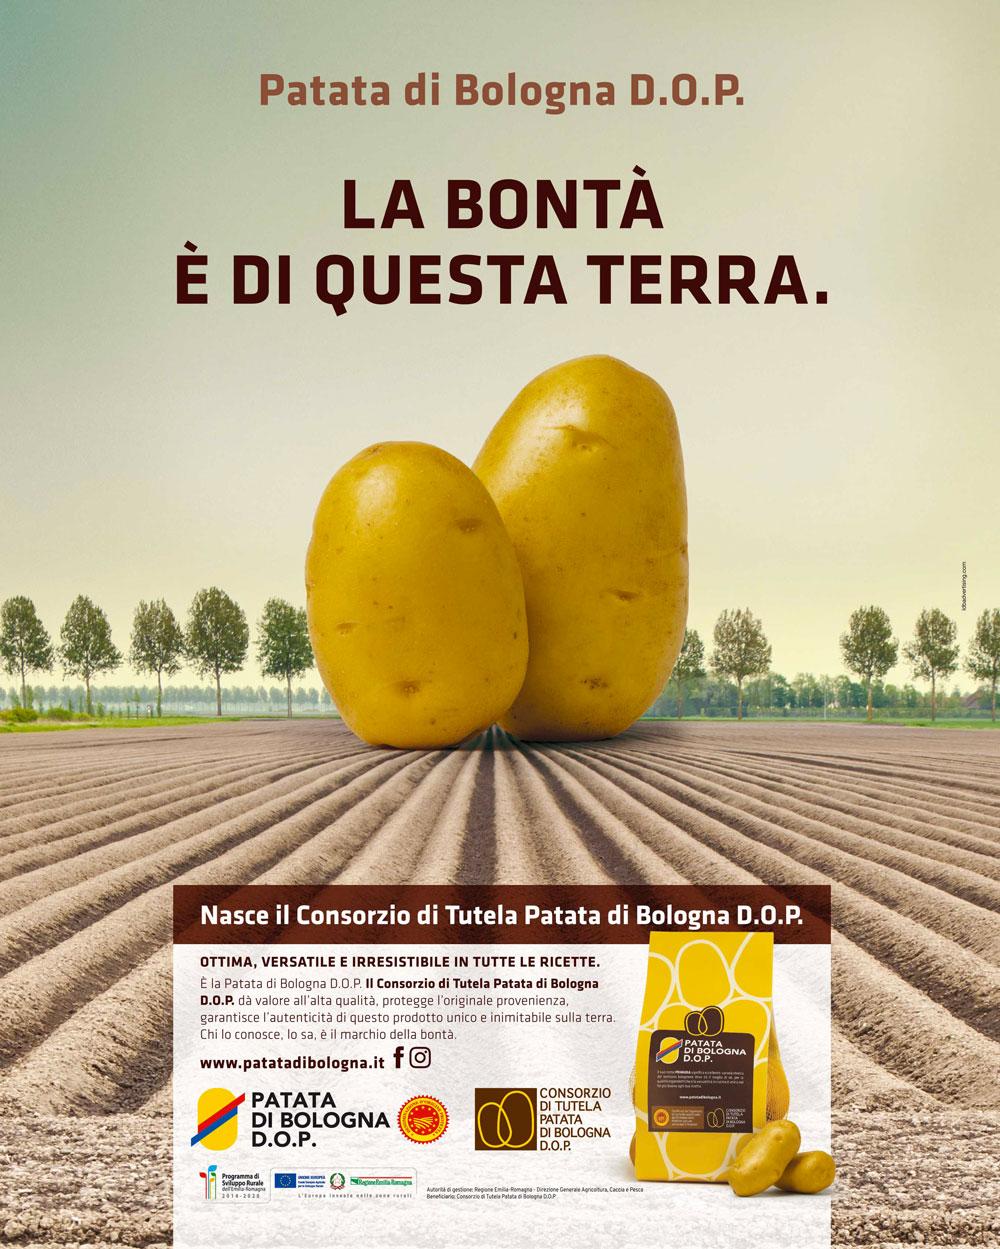 Patata di Bologna DOP - campagna ADV